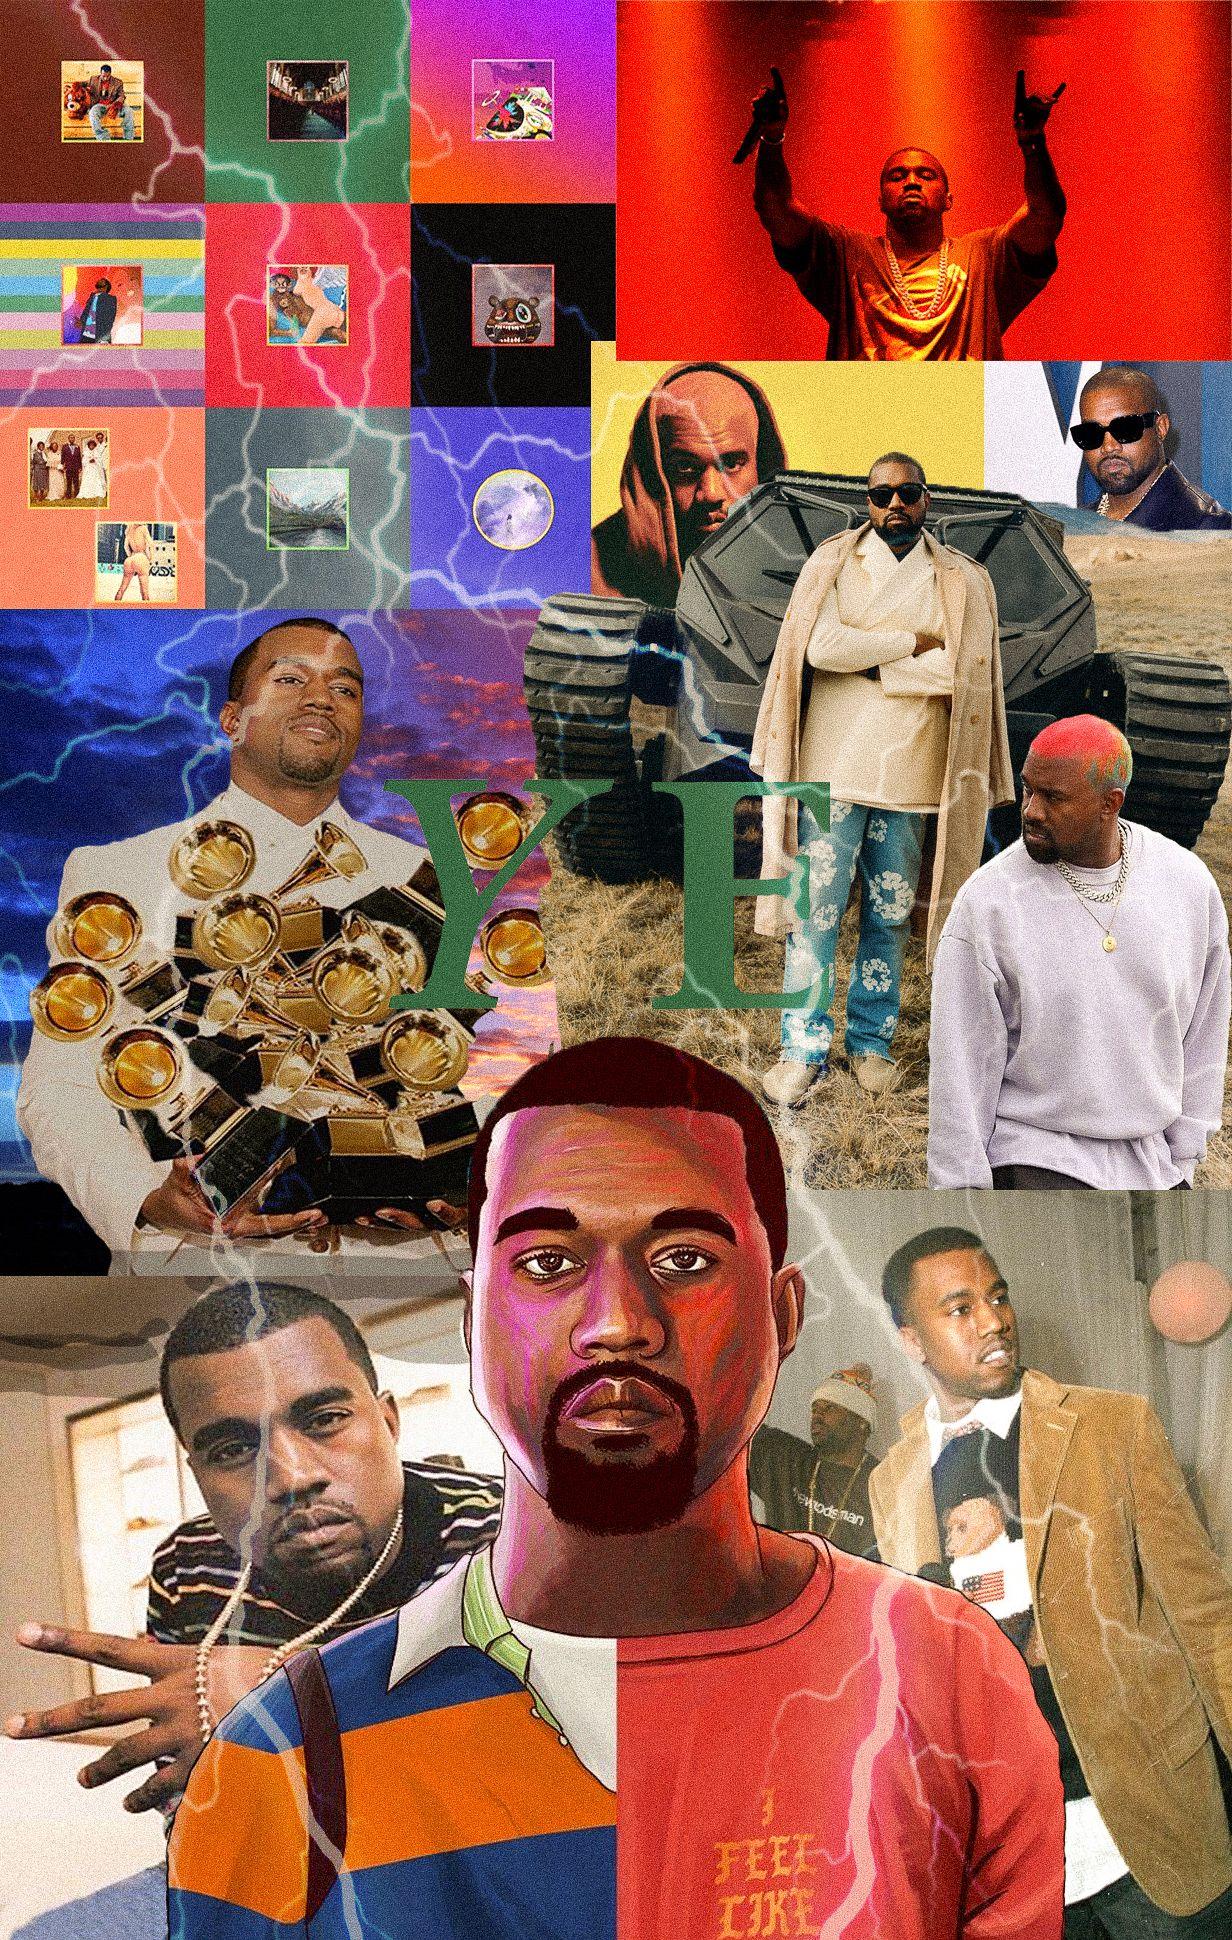 Kanye Collage In 2020 Kanye West Albums Kanye West Album Cover Album Art